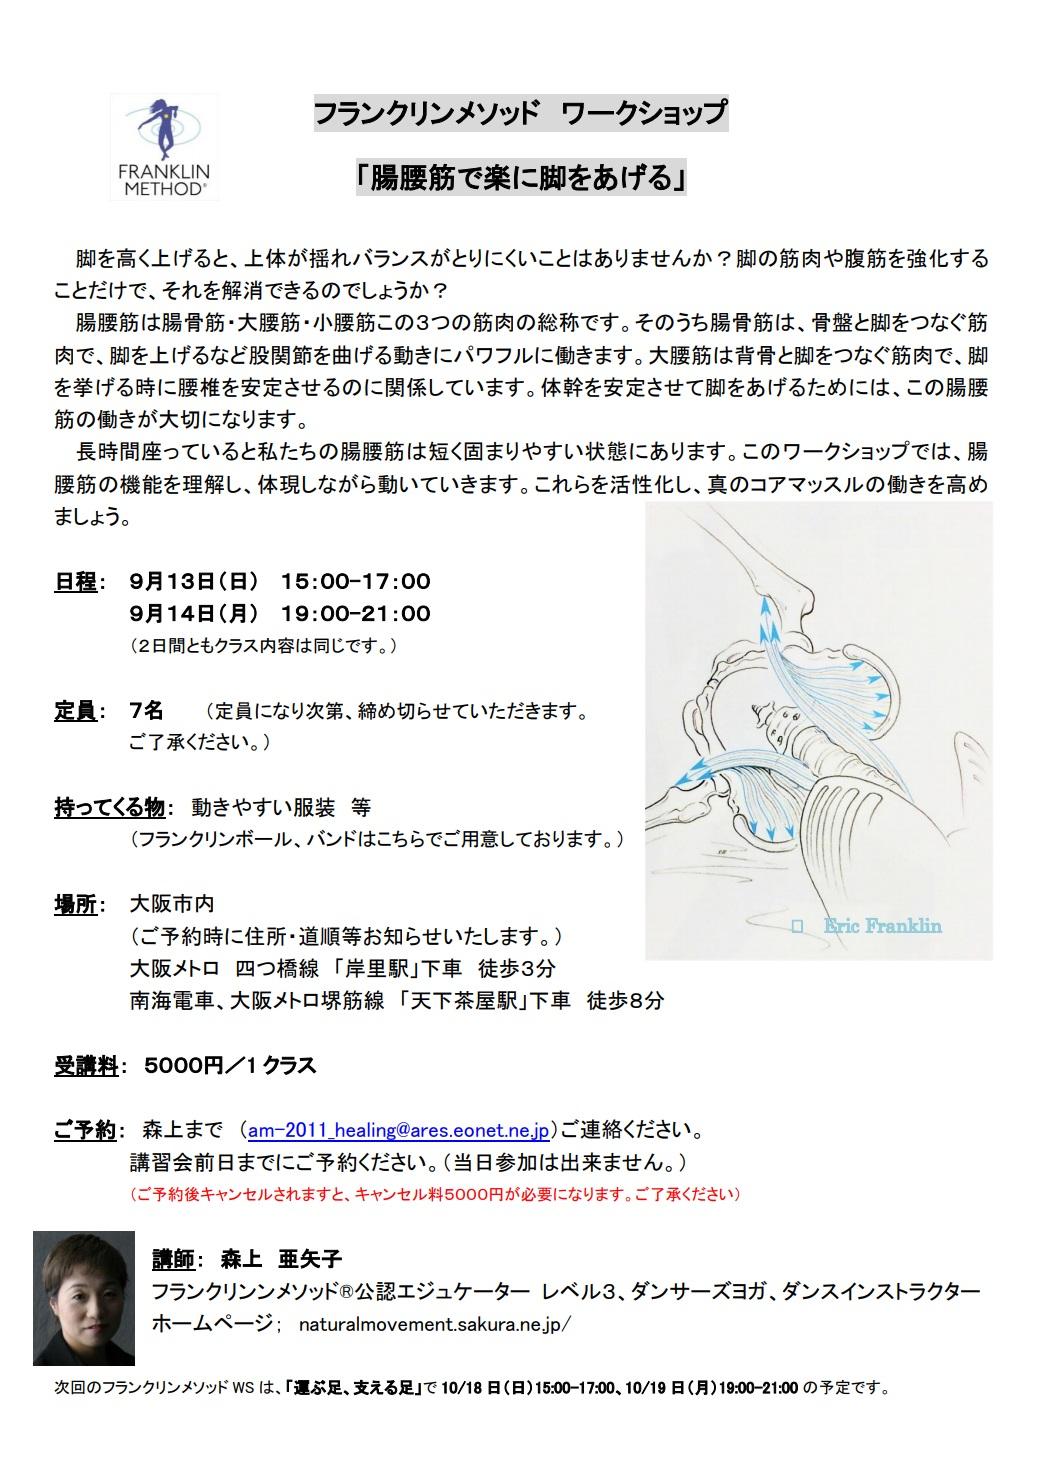 9/13(日)大阪 森上亜矢子WS「腸腰筋で楽に脚をあげる」